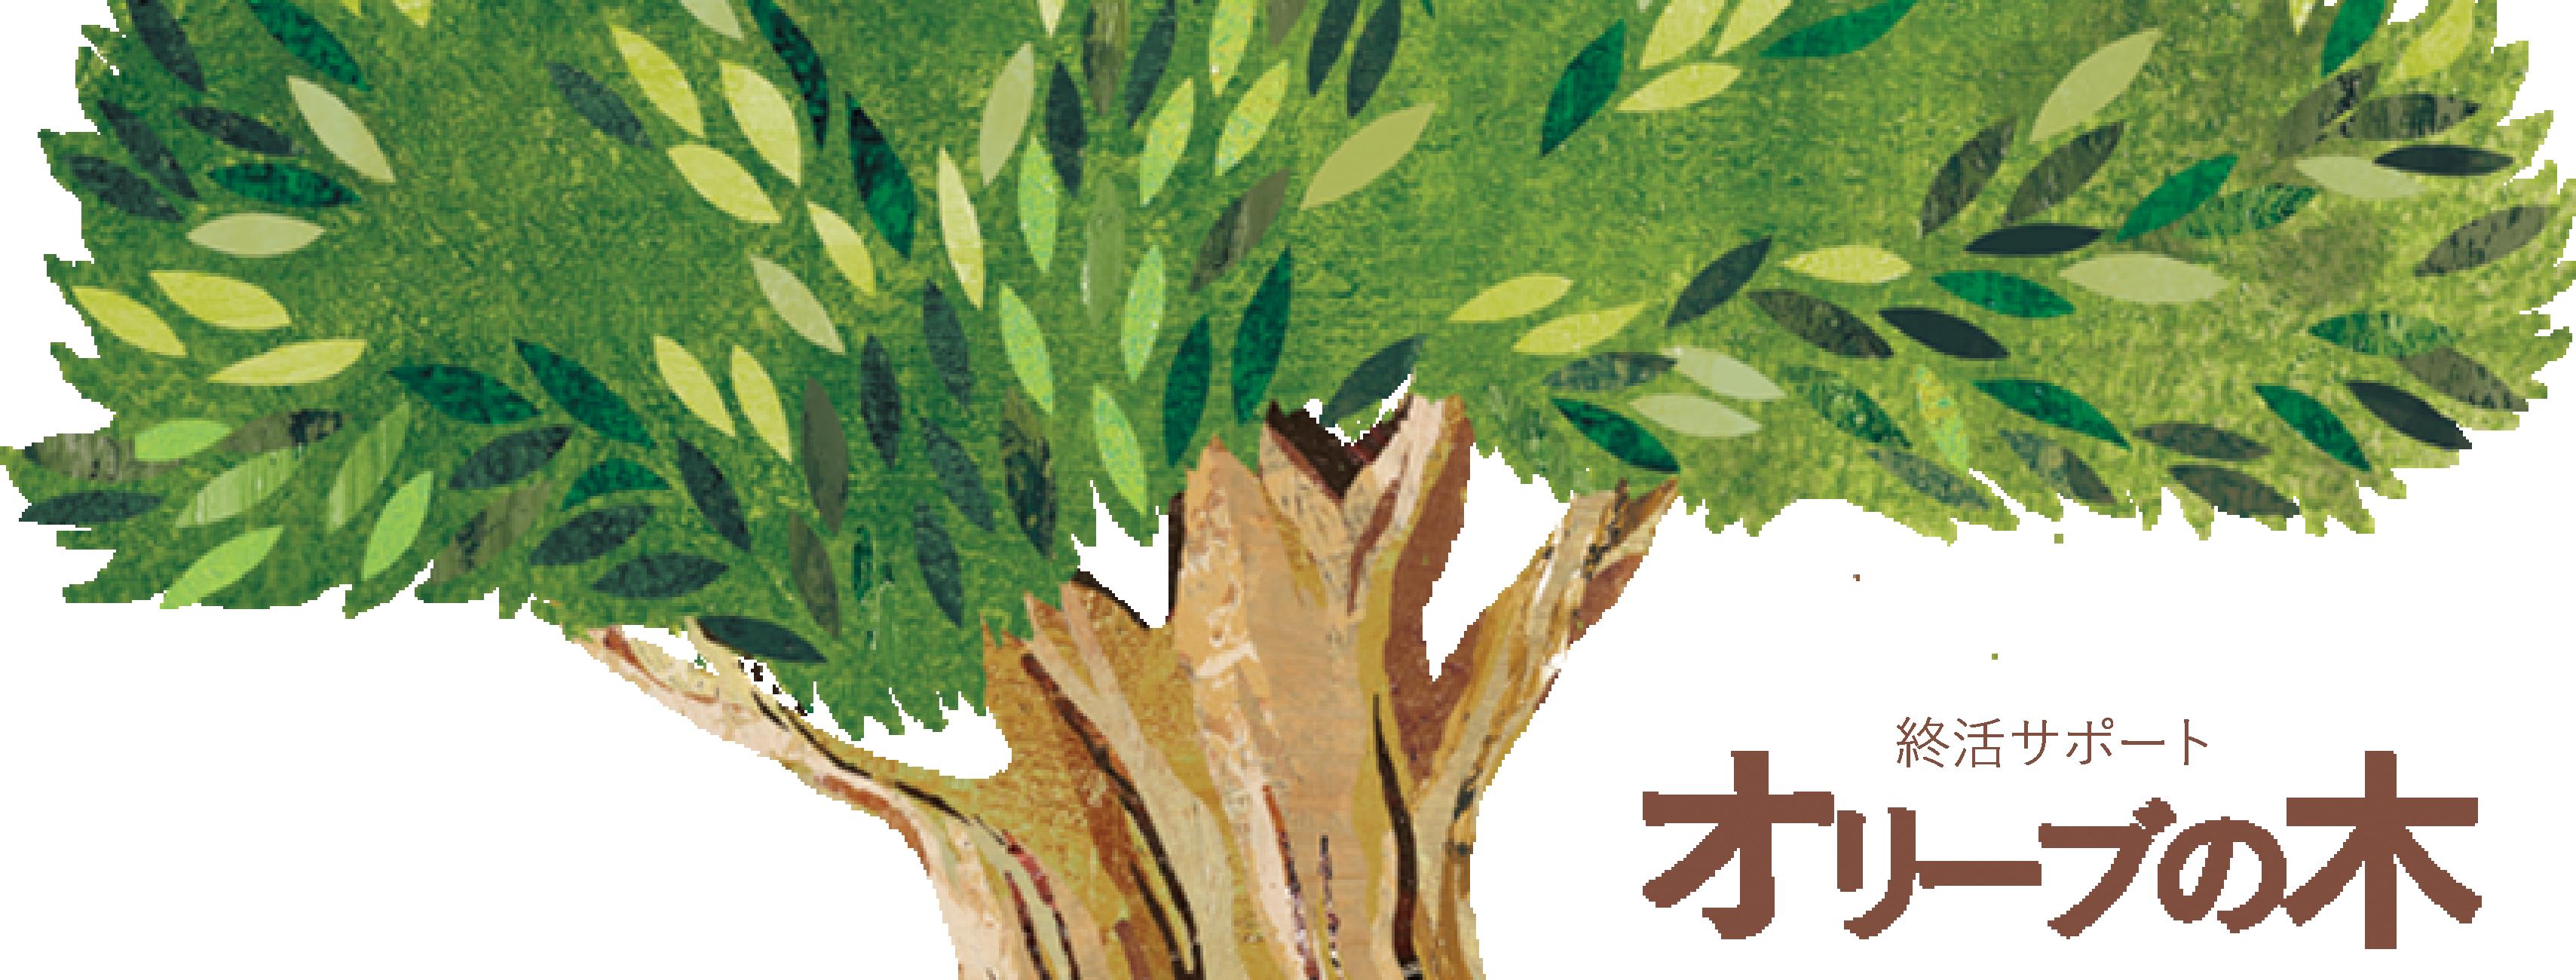 終活サポート オリーブの木